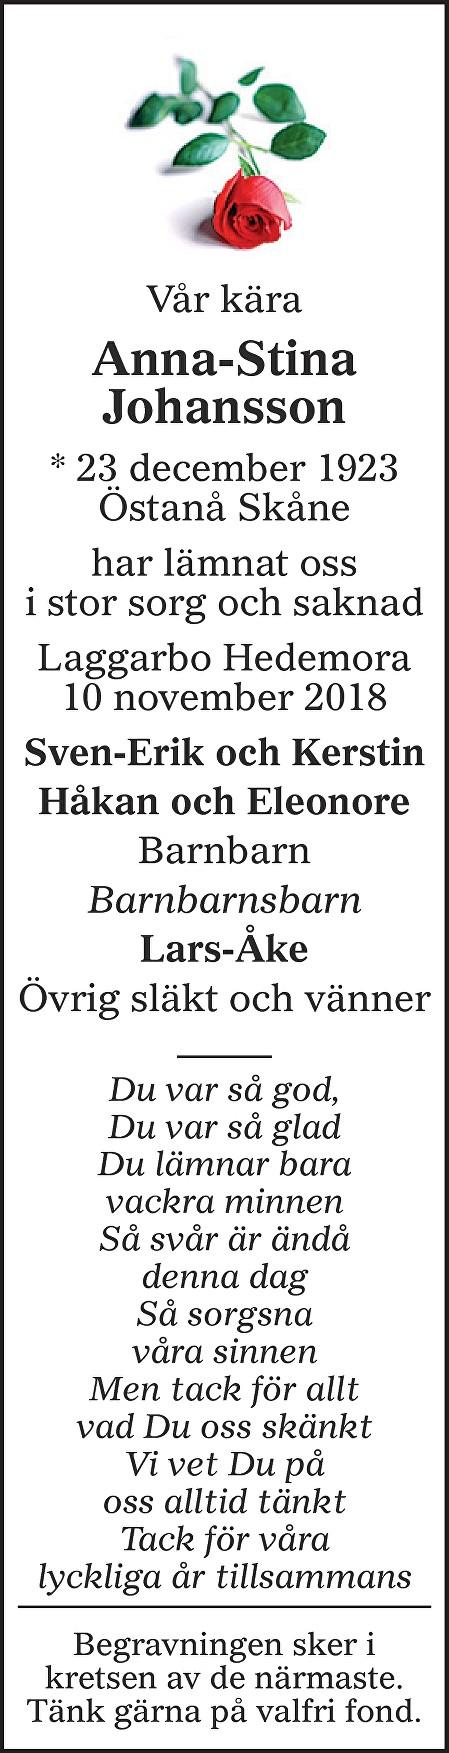 Anna-Stina Johansson Death notice